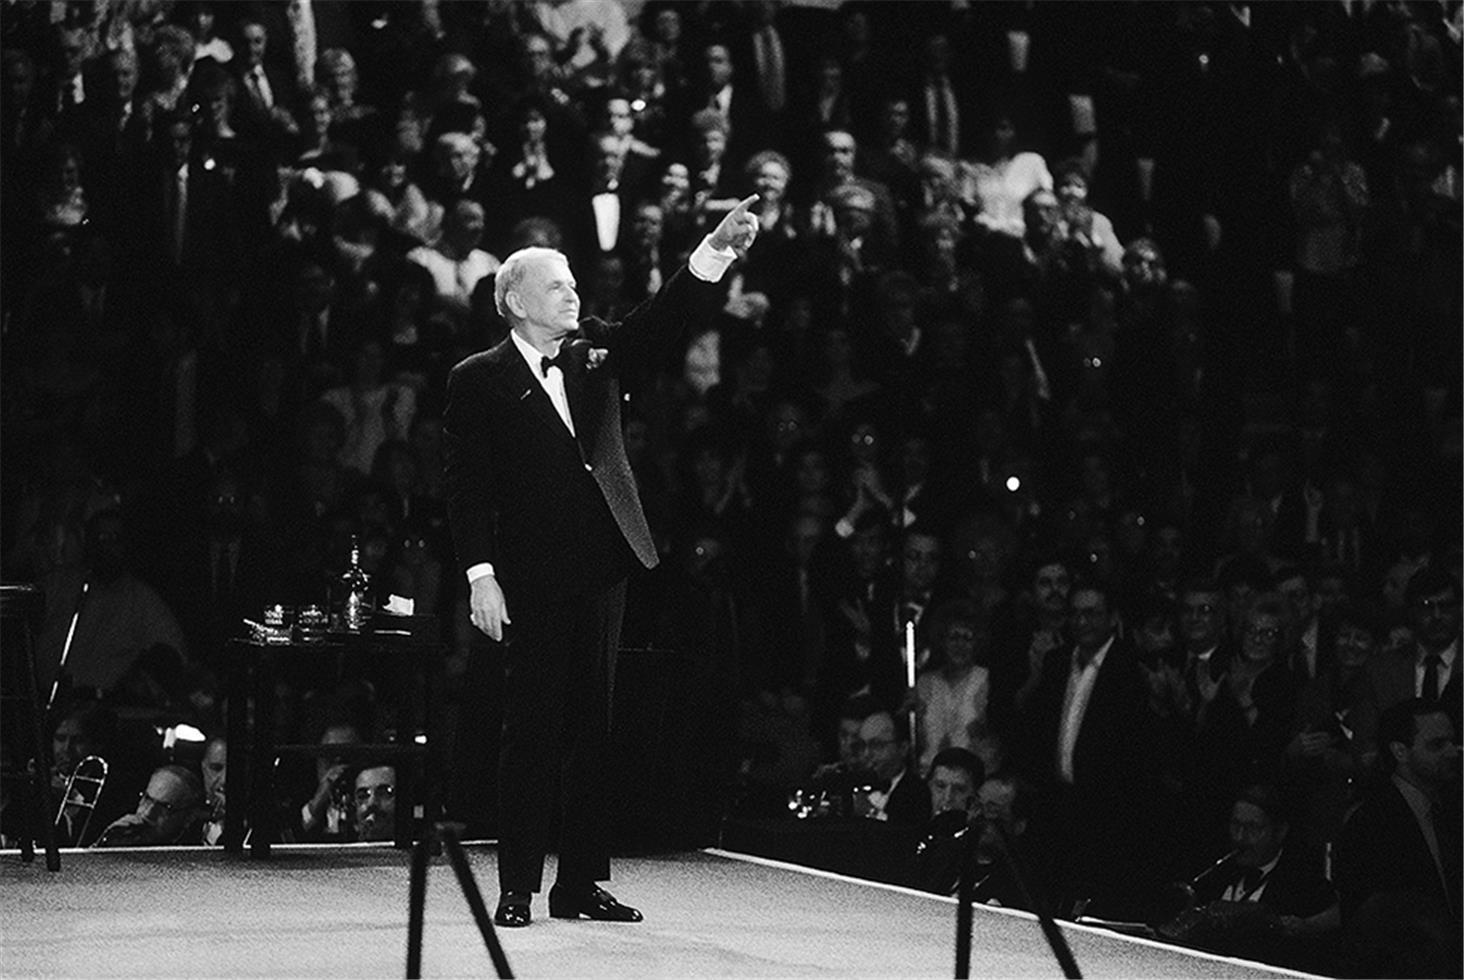 Frank Sinatra, Meadowlands, NJ, 1990